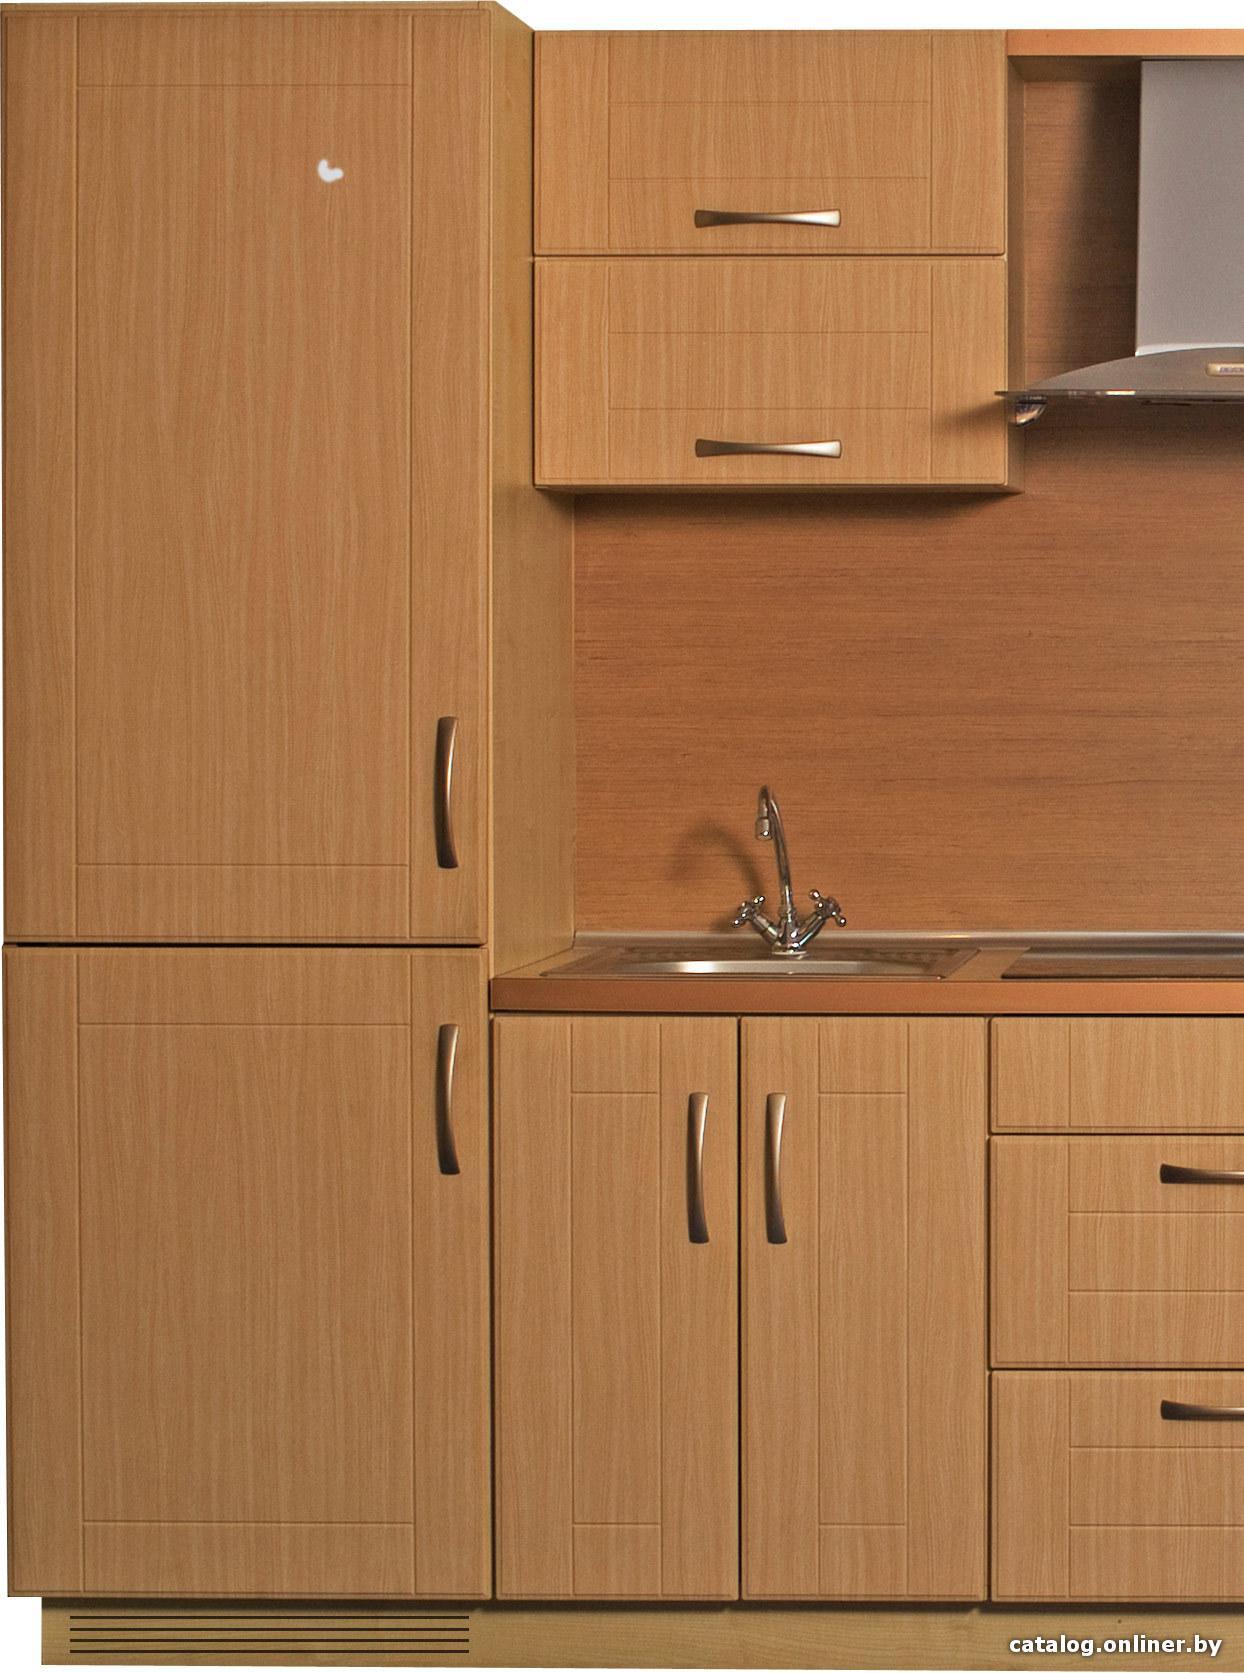 Встраиваемый холодильник атлант 4307 000 схема встраивания фото 549